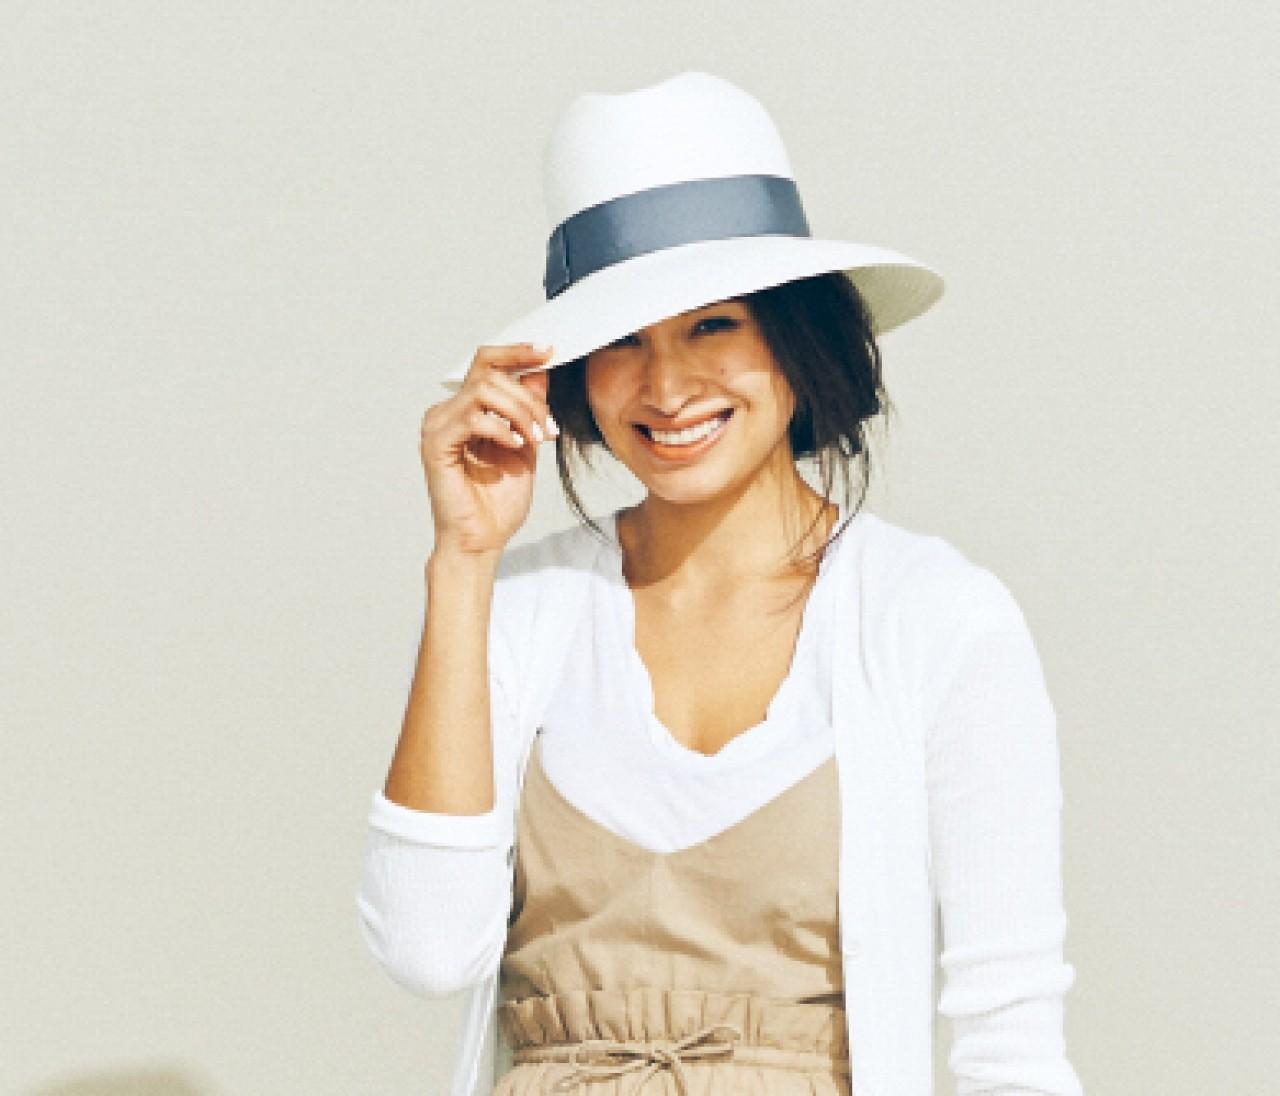 今年の帽子選びは「真っ白&つば広」がキーワード